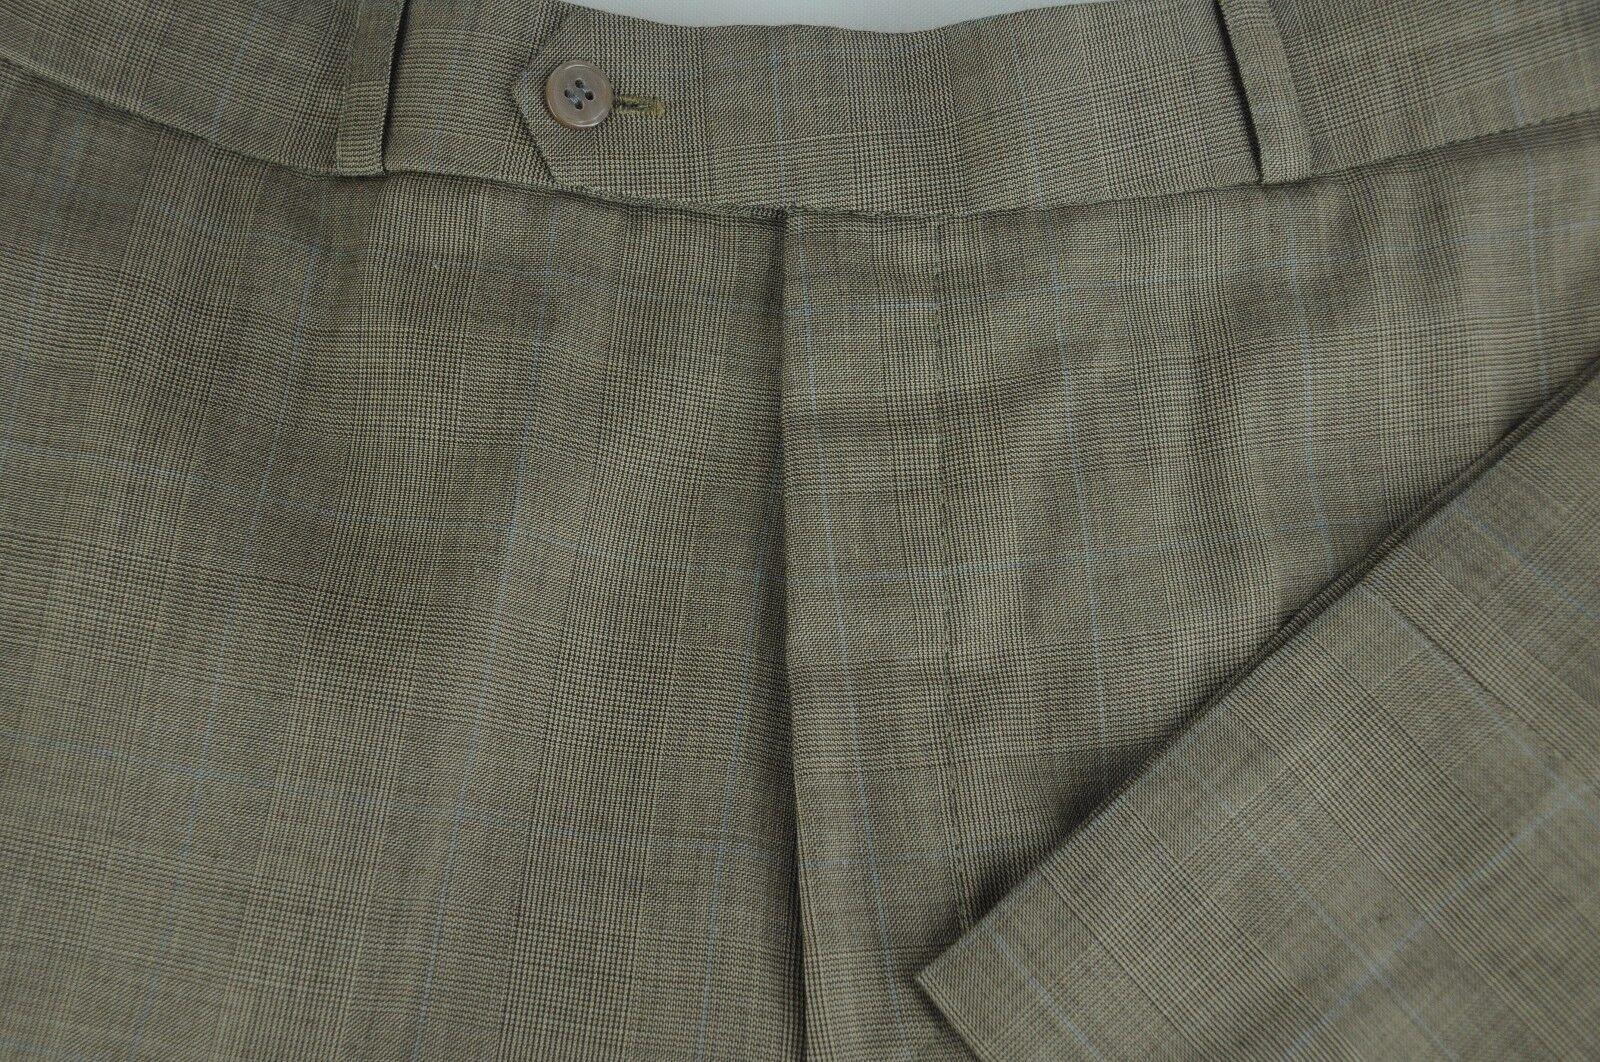 Mario Valentino Herren Luxus Braun Blau Kariert Wolle Kaschmir Anzughose 32 X 30